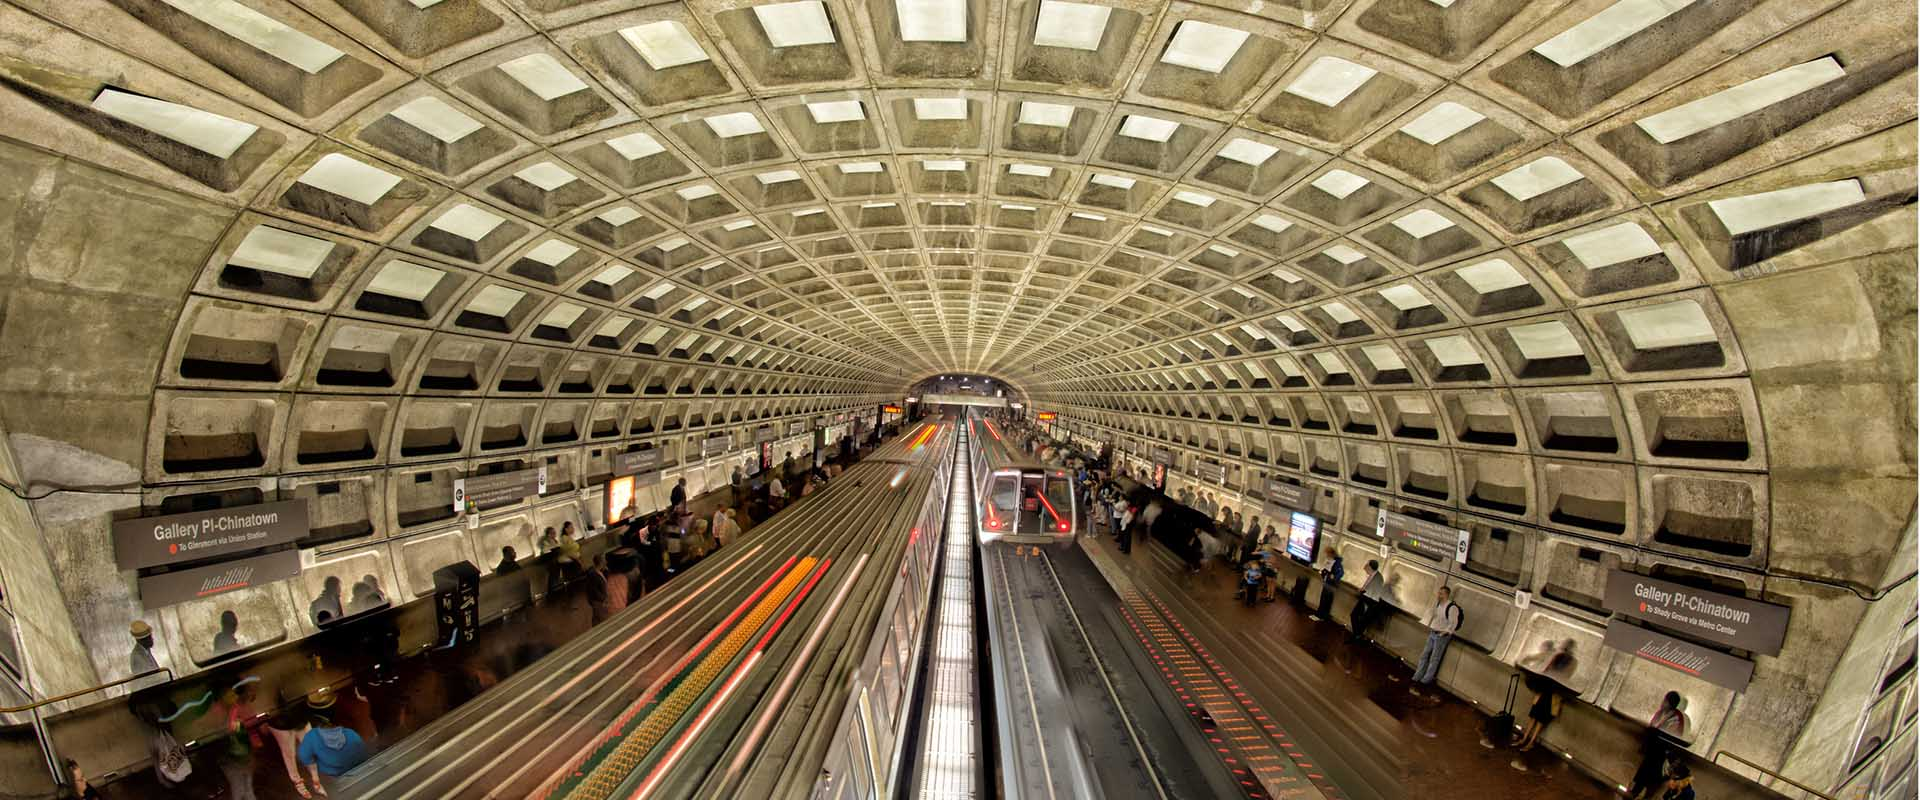 ایستگاههای مترو با سقف وافل